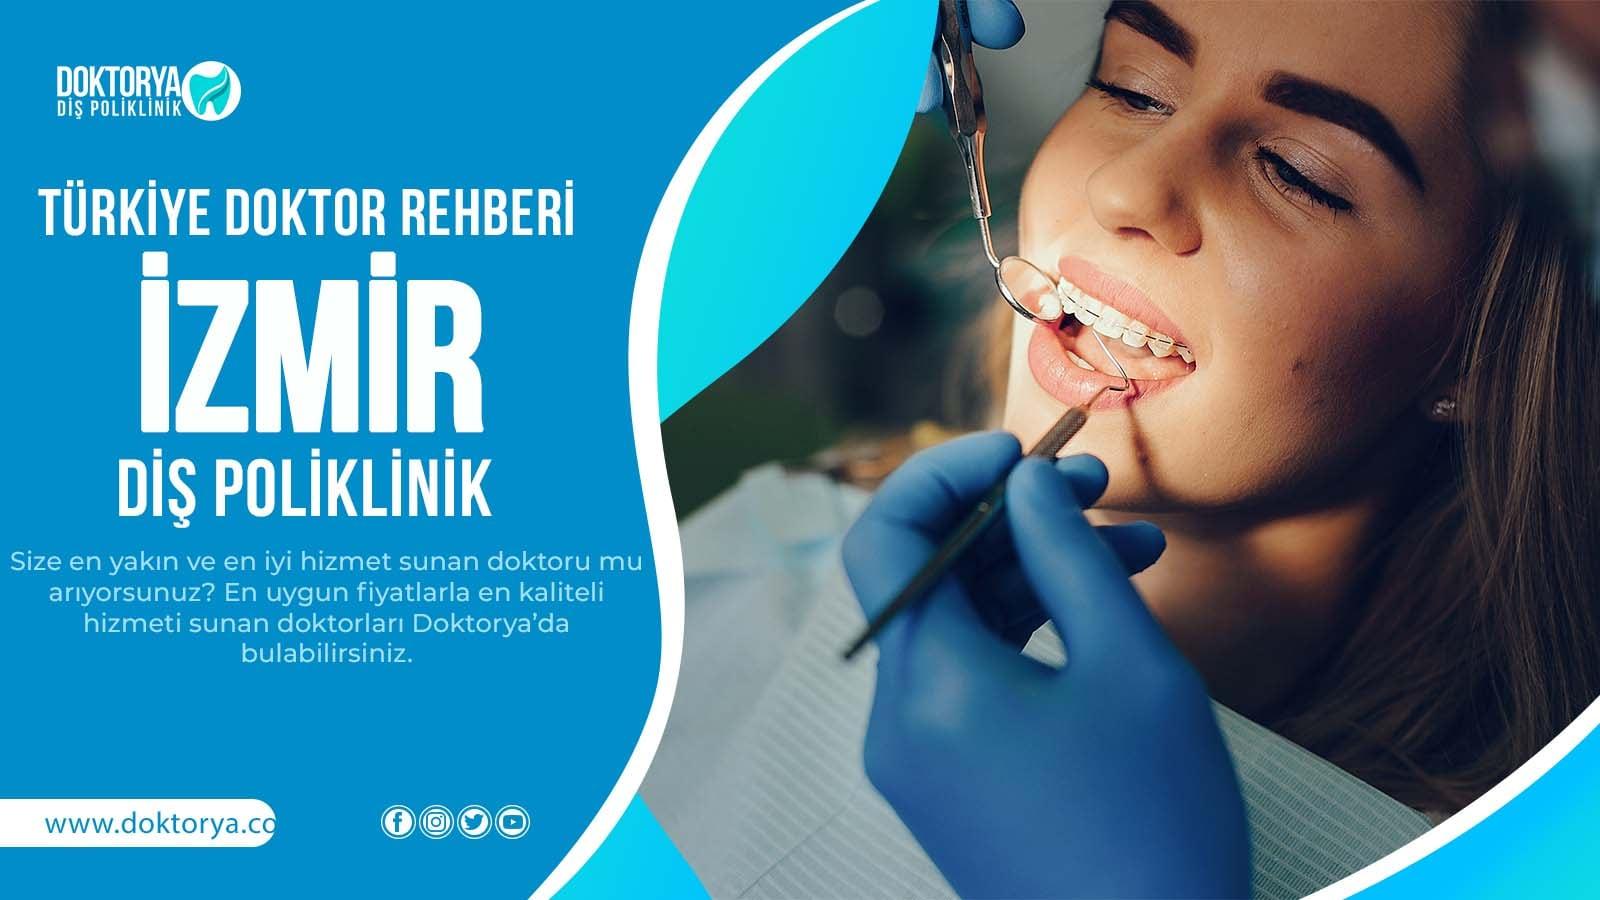 İzmir Diş Poliklinik